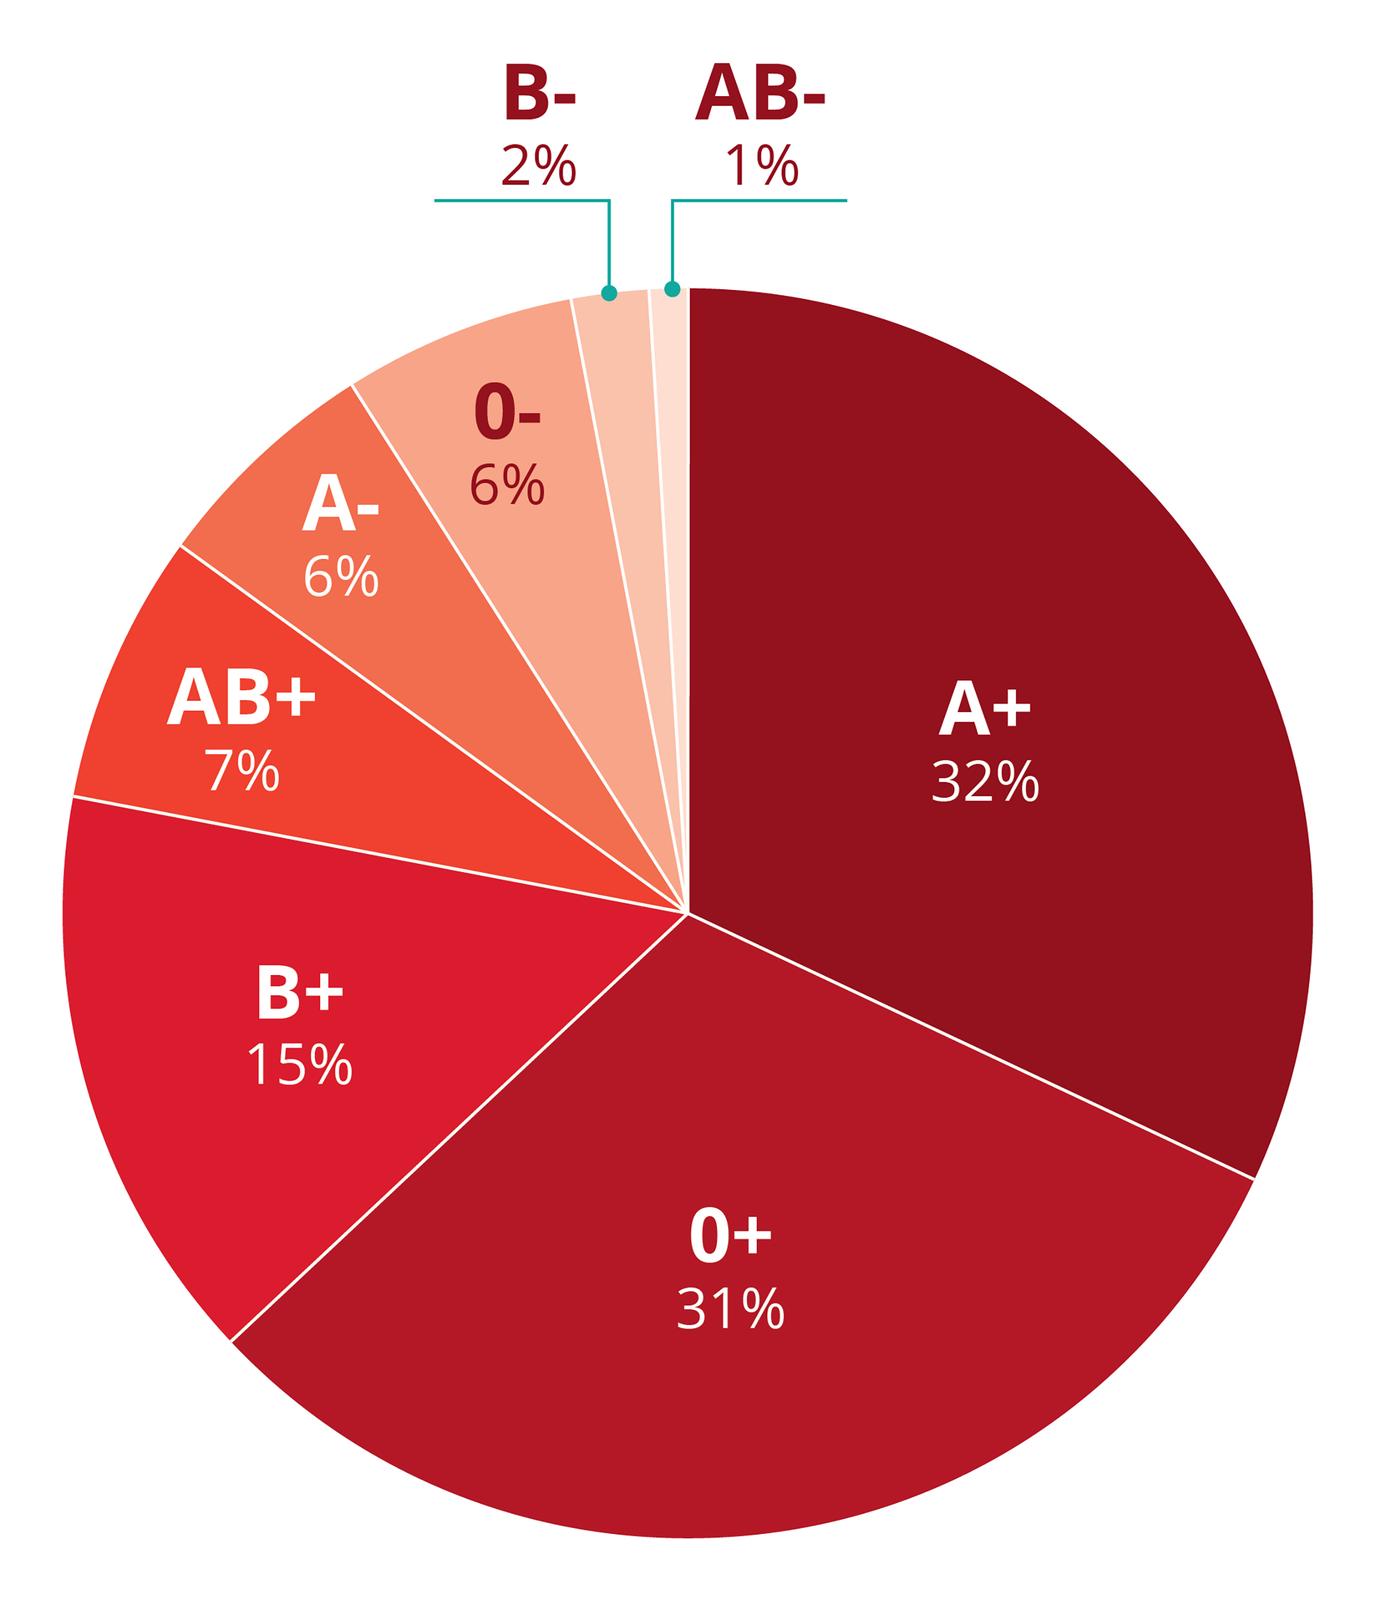 Diagram kołowy przedstawia częstość występowania grup krwi wPolsce. Oprócz grupy krwi uwzględniono czynnik Rh minus lub plus. Różne odcienie czerwieni wskazują, jak często występuje dana grupa krwi. Na górze najmniej częste grupy: B- (2 %) iAB- (1%). Najczęstsze są grupy A+ (32%) i0+ (31%).